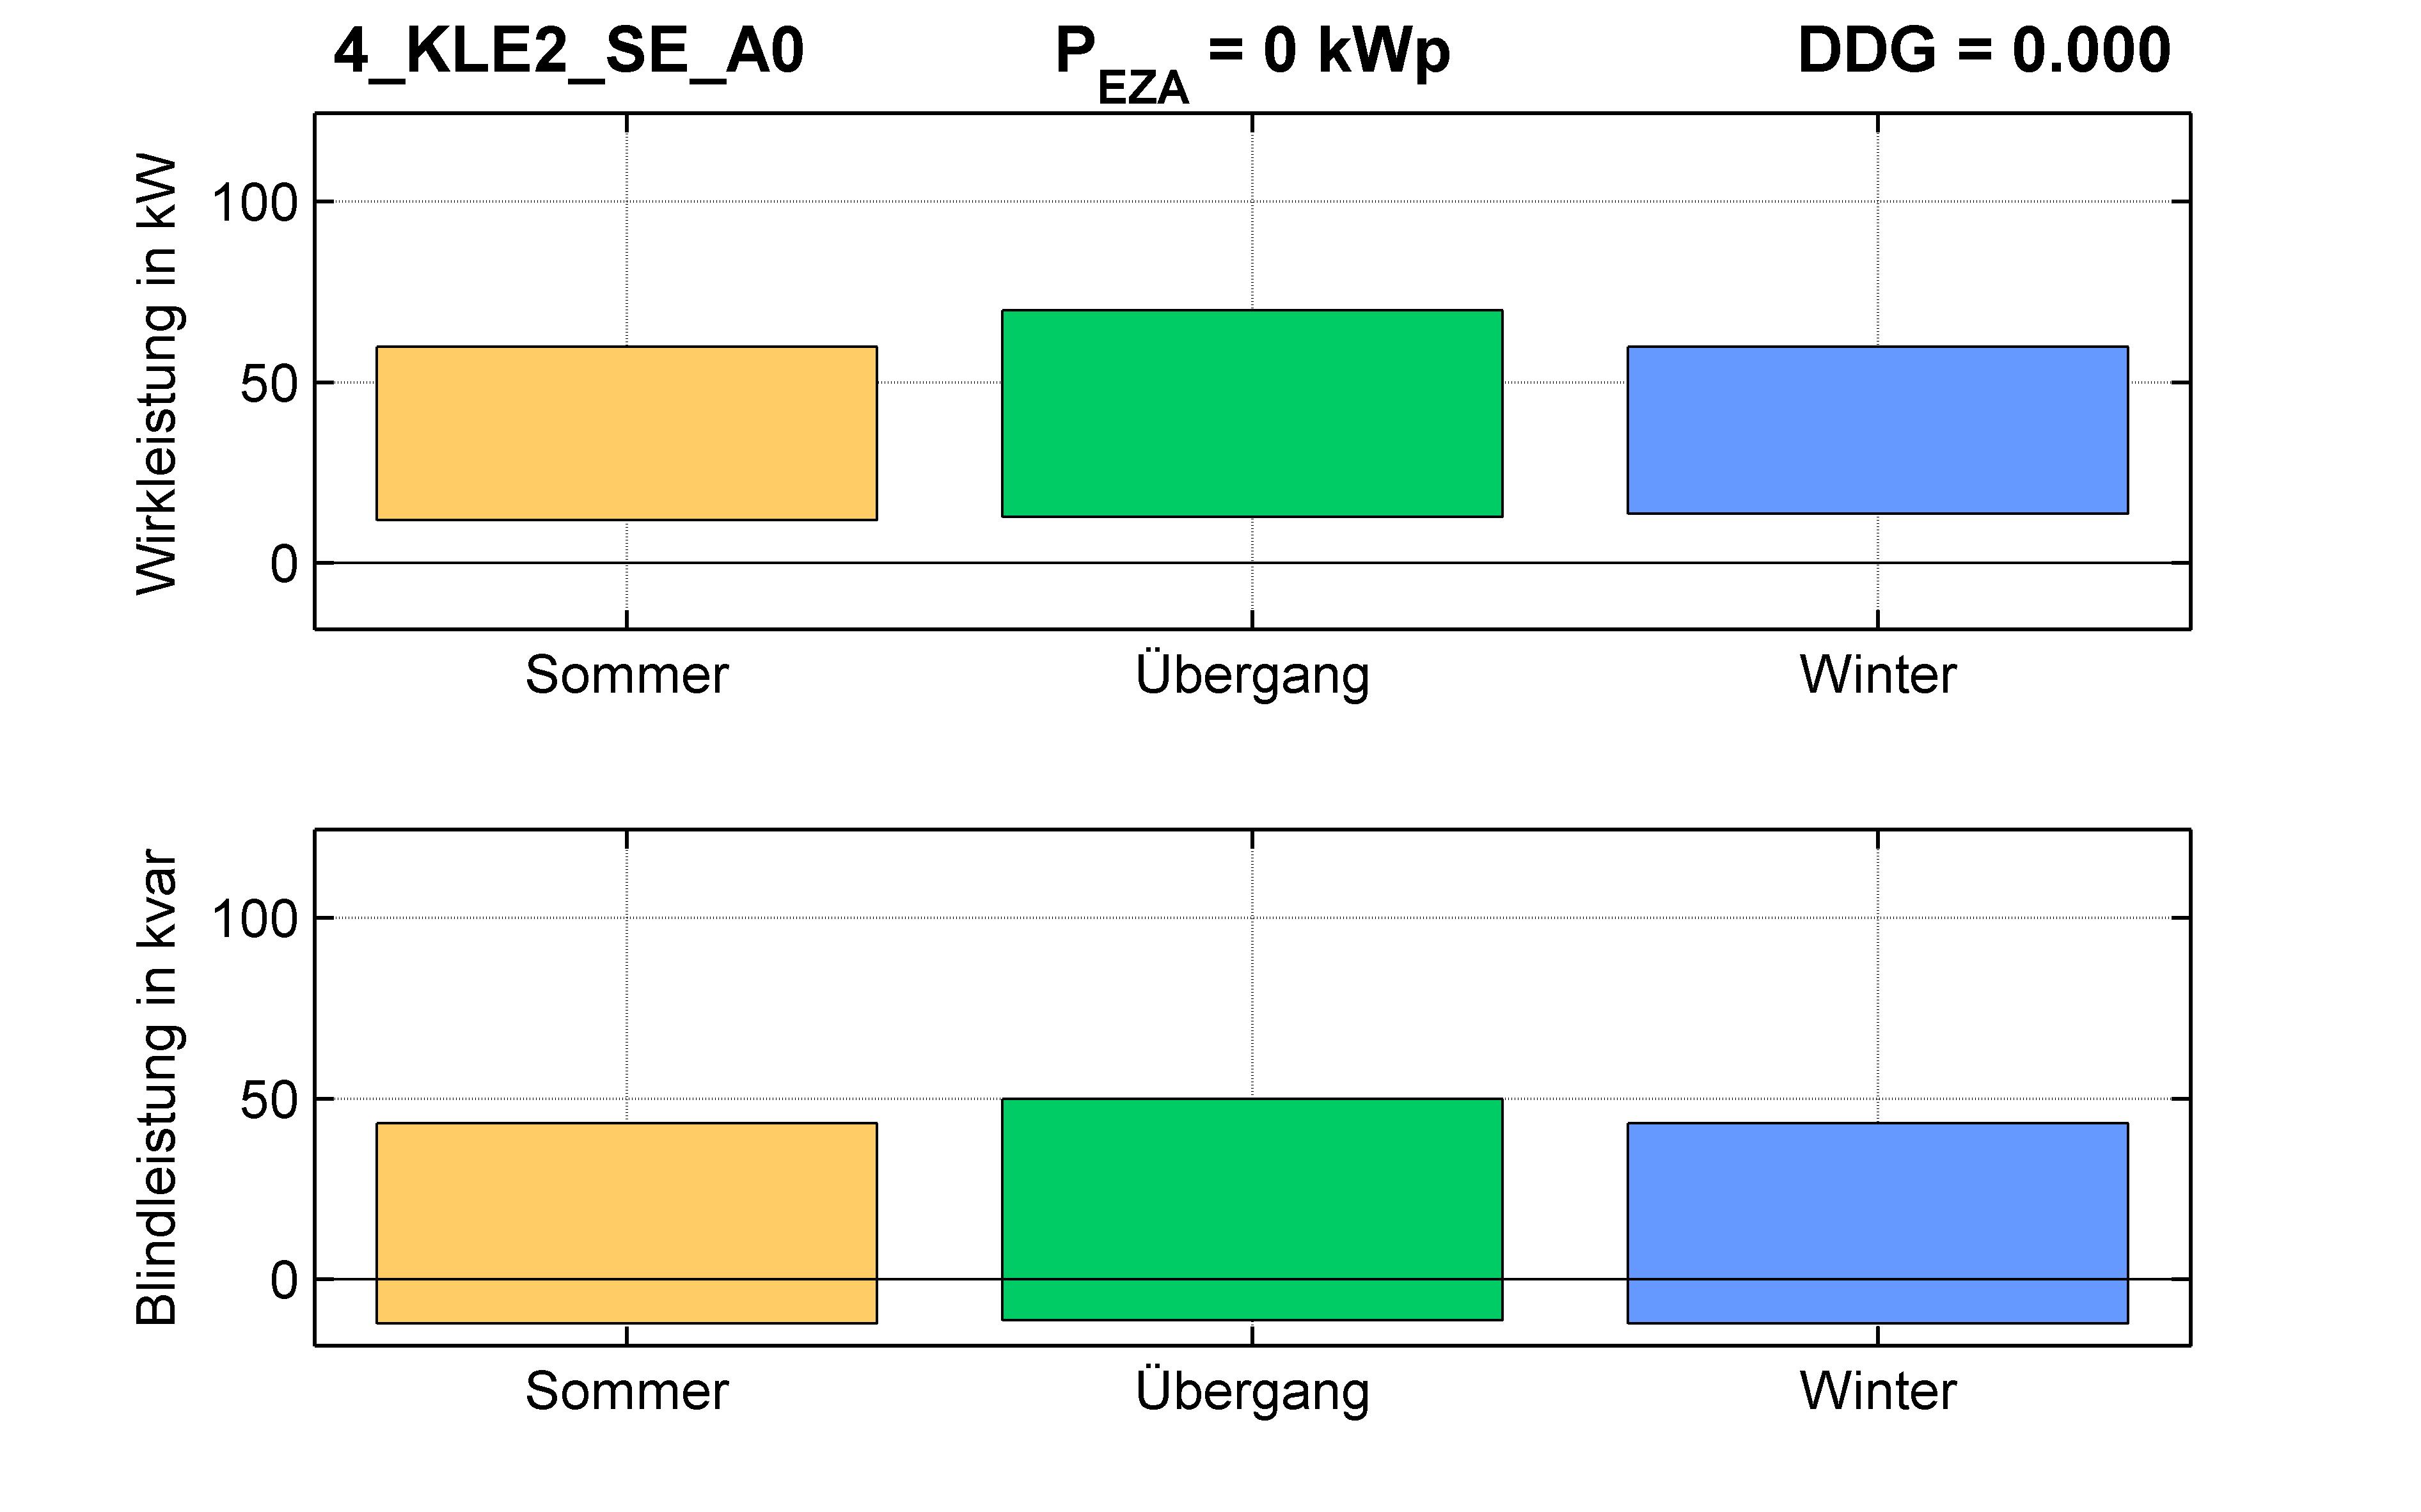 KLE2 | P-Kappung 55% (SE) A0 | PQ-Bilanz